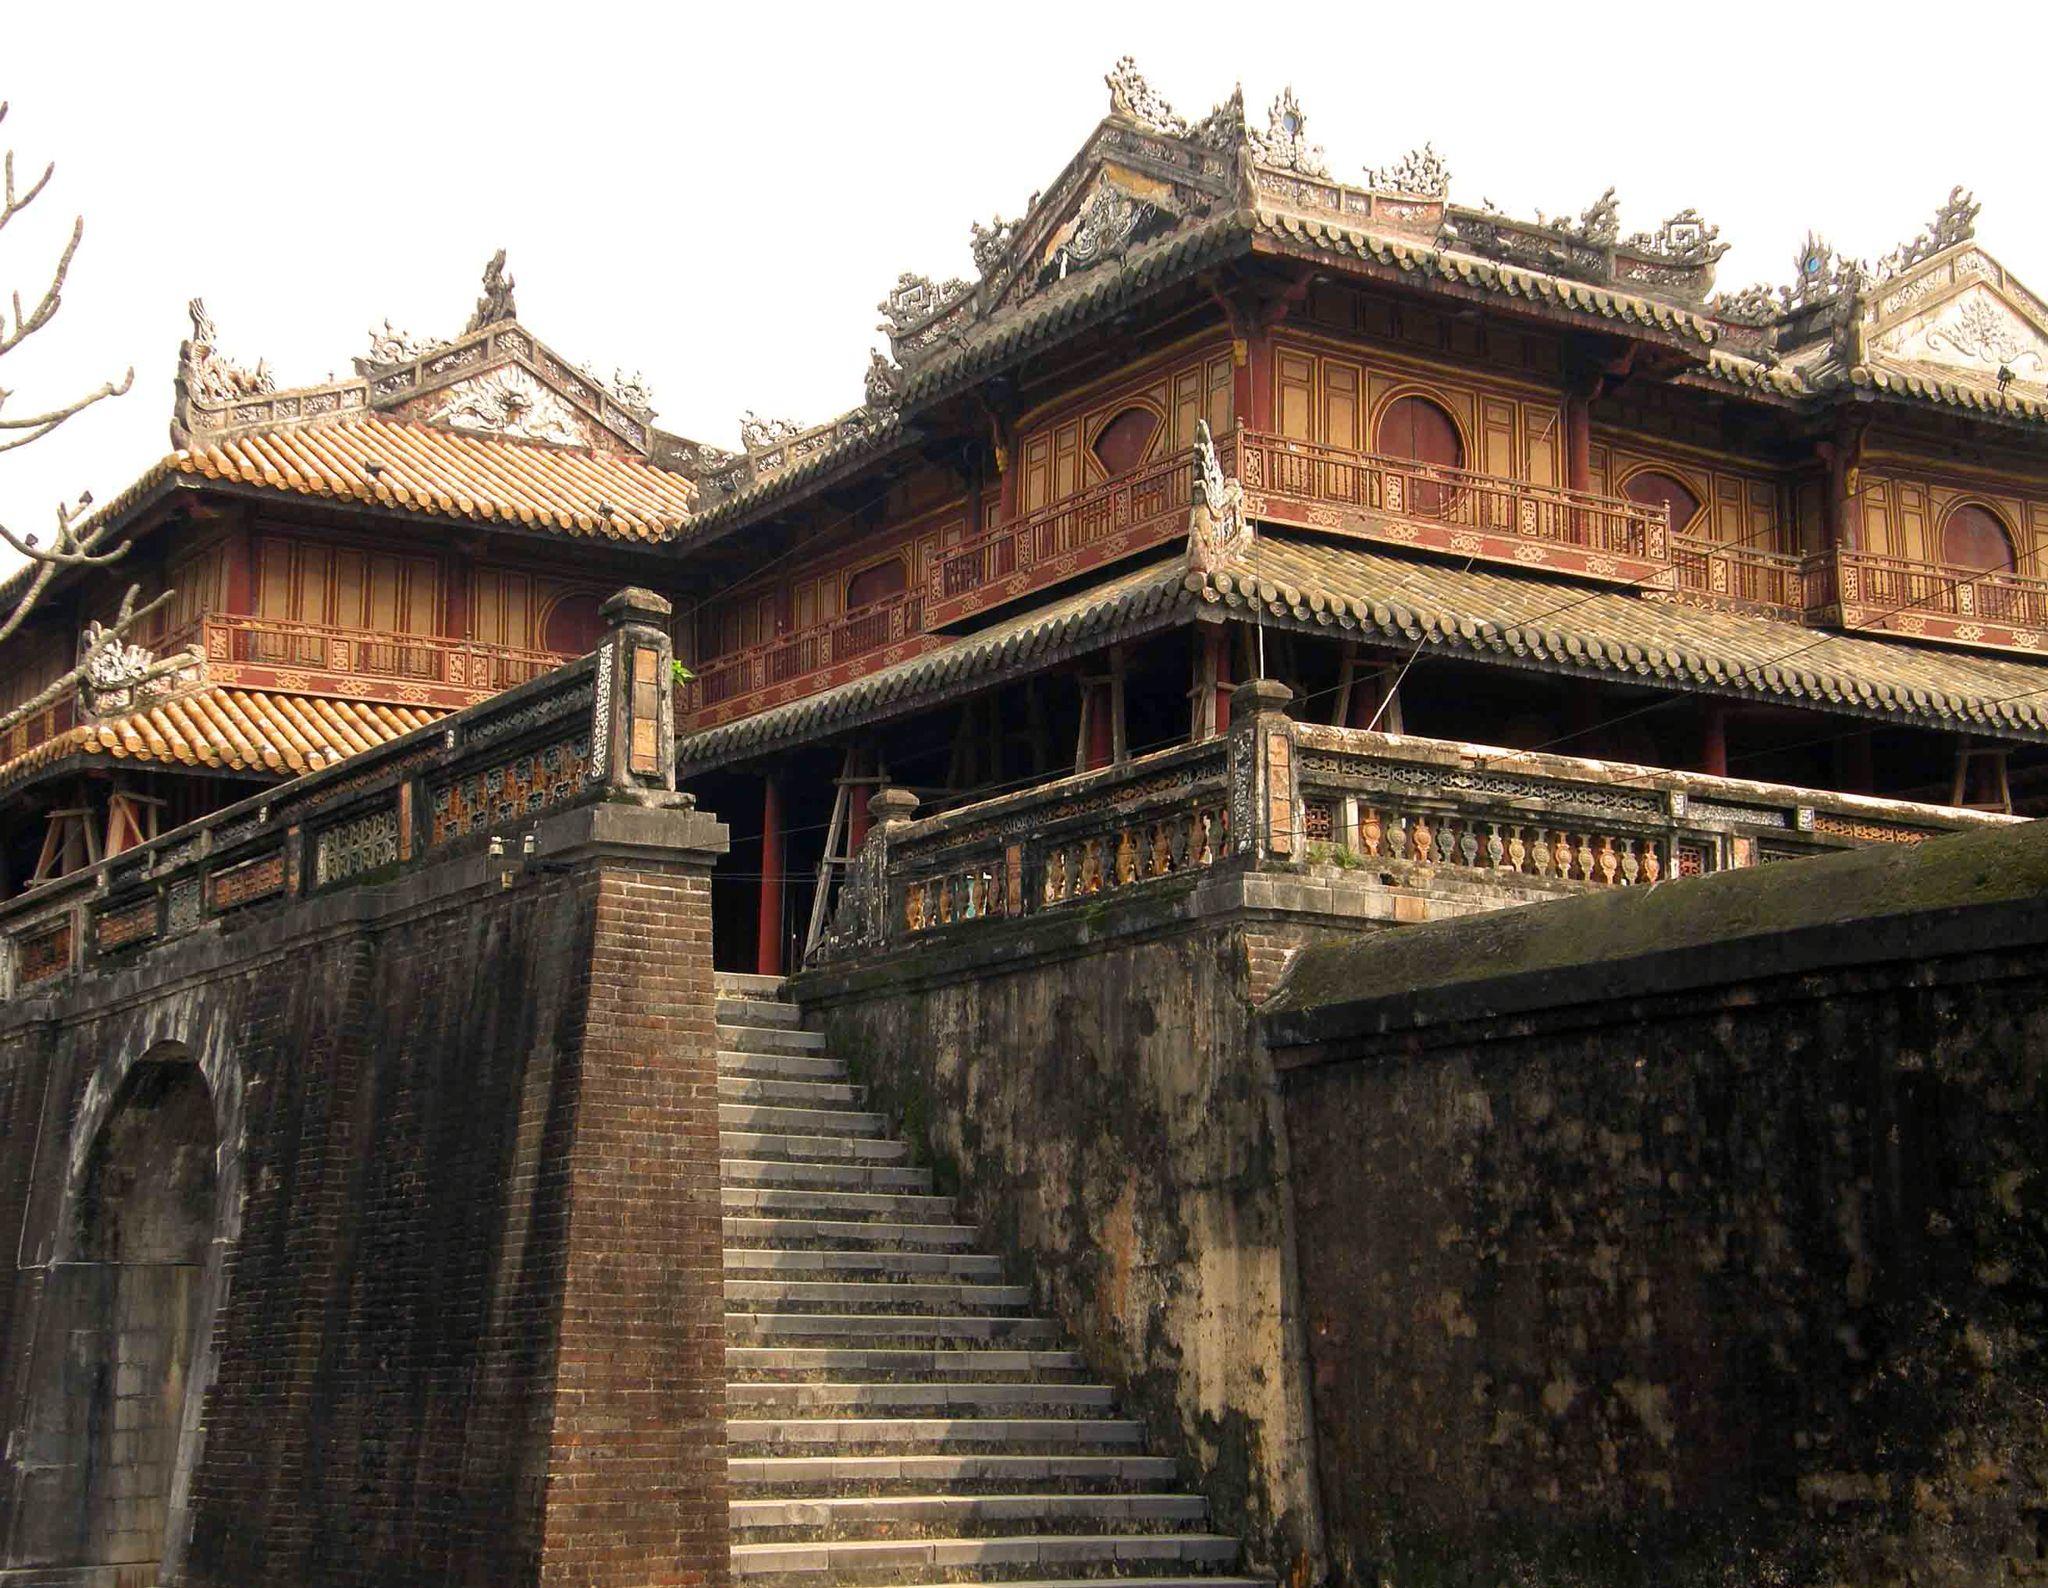 The Citadel Imperial City Forbidden Purple City Hue Vietnam Beautiful Vietnam Ancient Vietnam Vietnam History